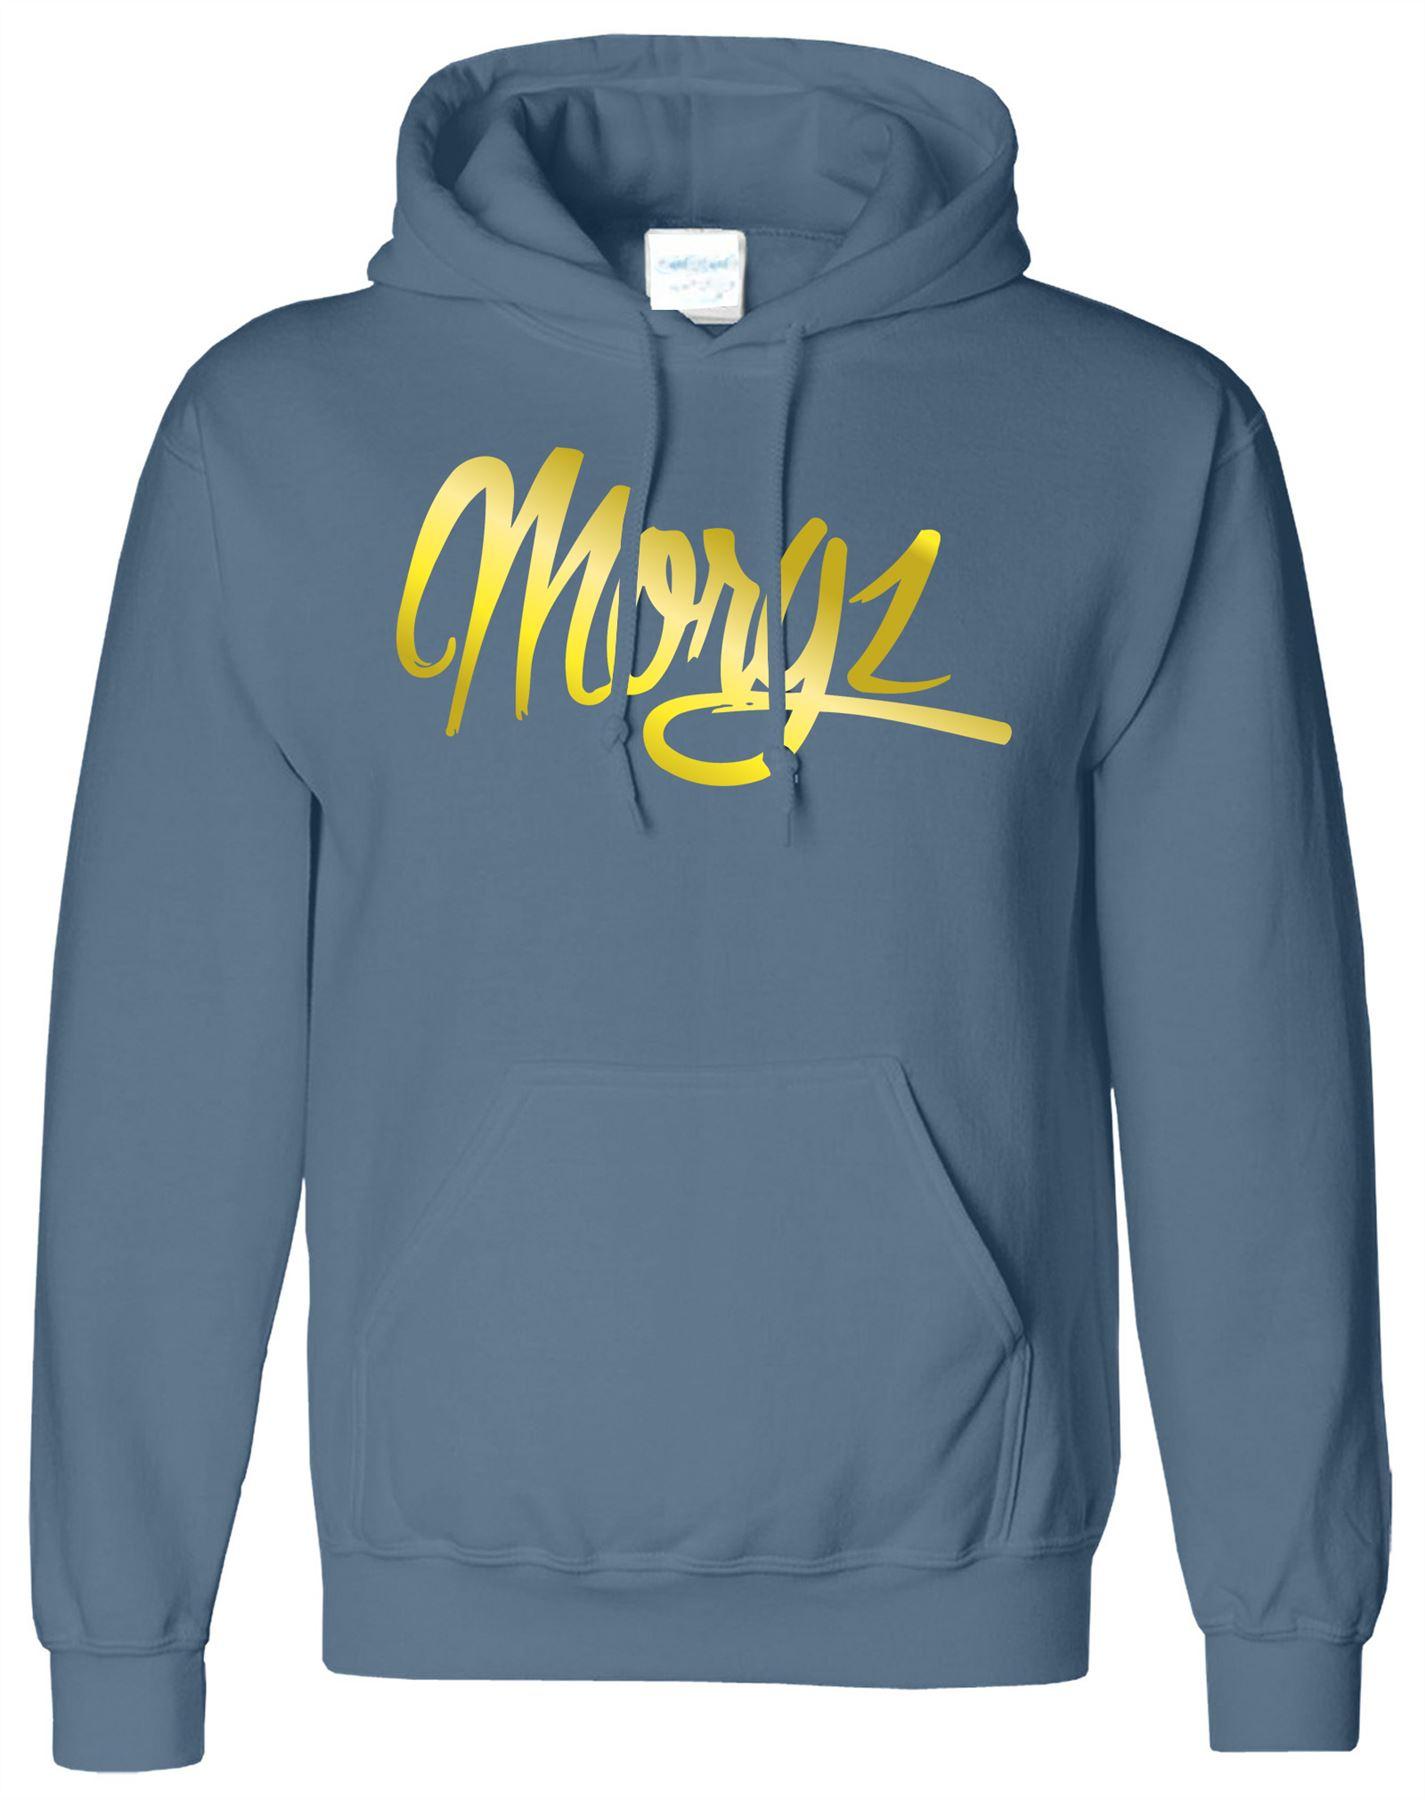 Morgz Youtuber Mens Hoodie Sweat Vlogger Teammorgz Ladies Hooded Sweatshirt